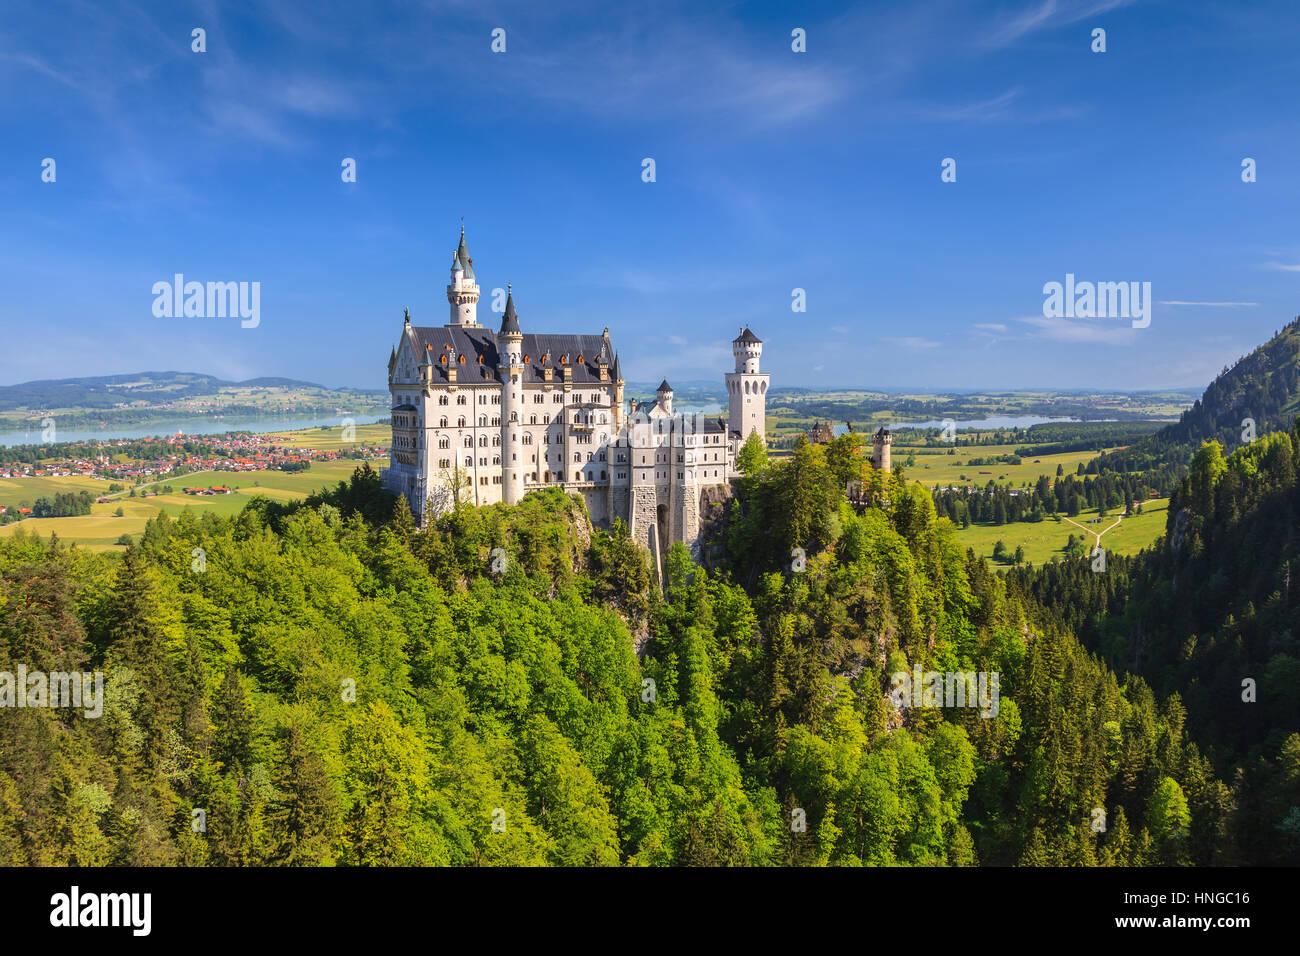 Summer view of Neuschwanstein Castle, Fussen, Bavaria, Germany - Stock Image